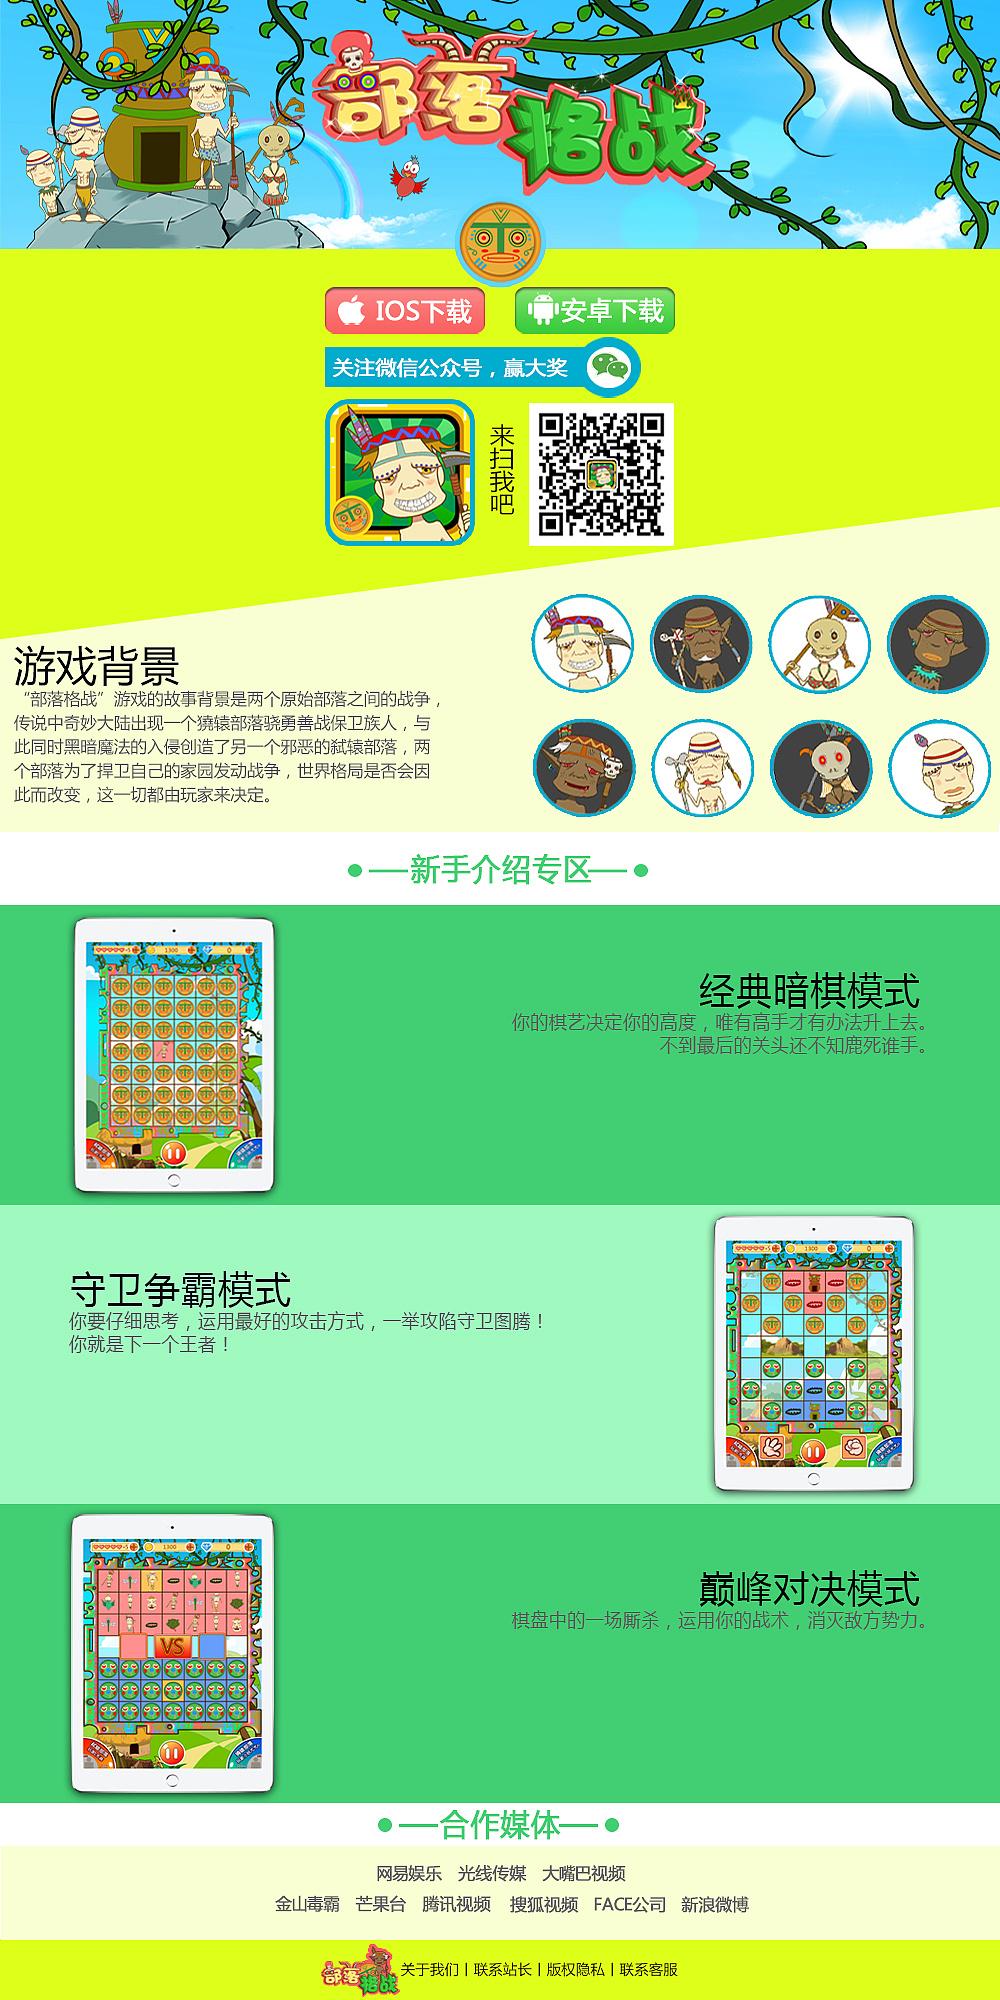 元素魔法战争_部落格战 棋类游戏UI|网页|游戏/娱乐|Jasber - 原创作品 - 站酷 (ZCOOL)